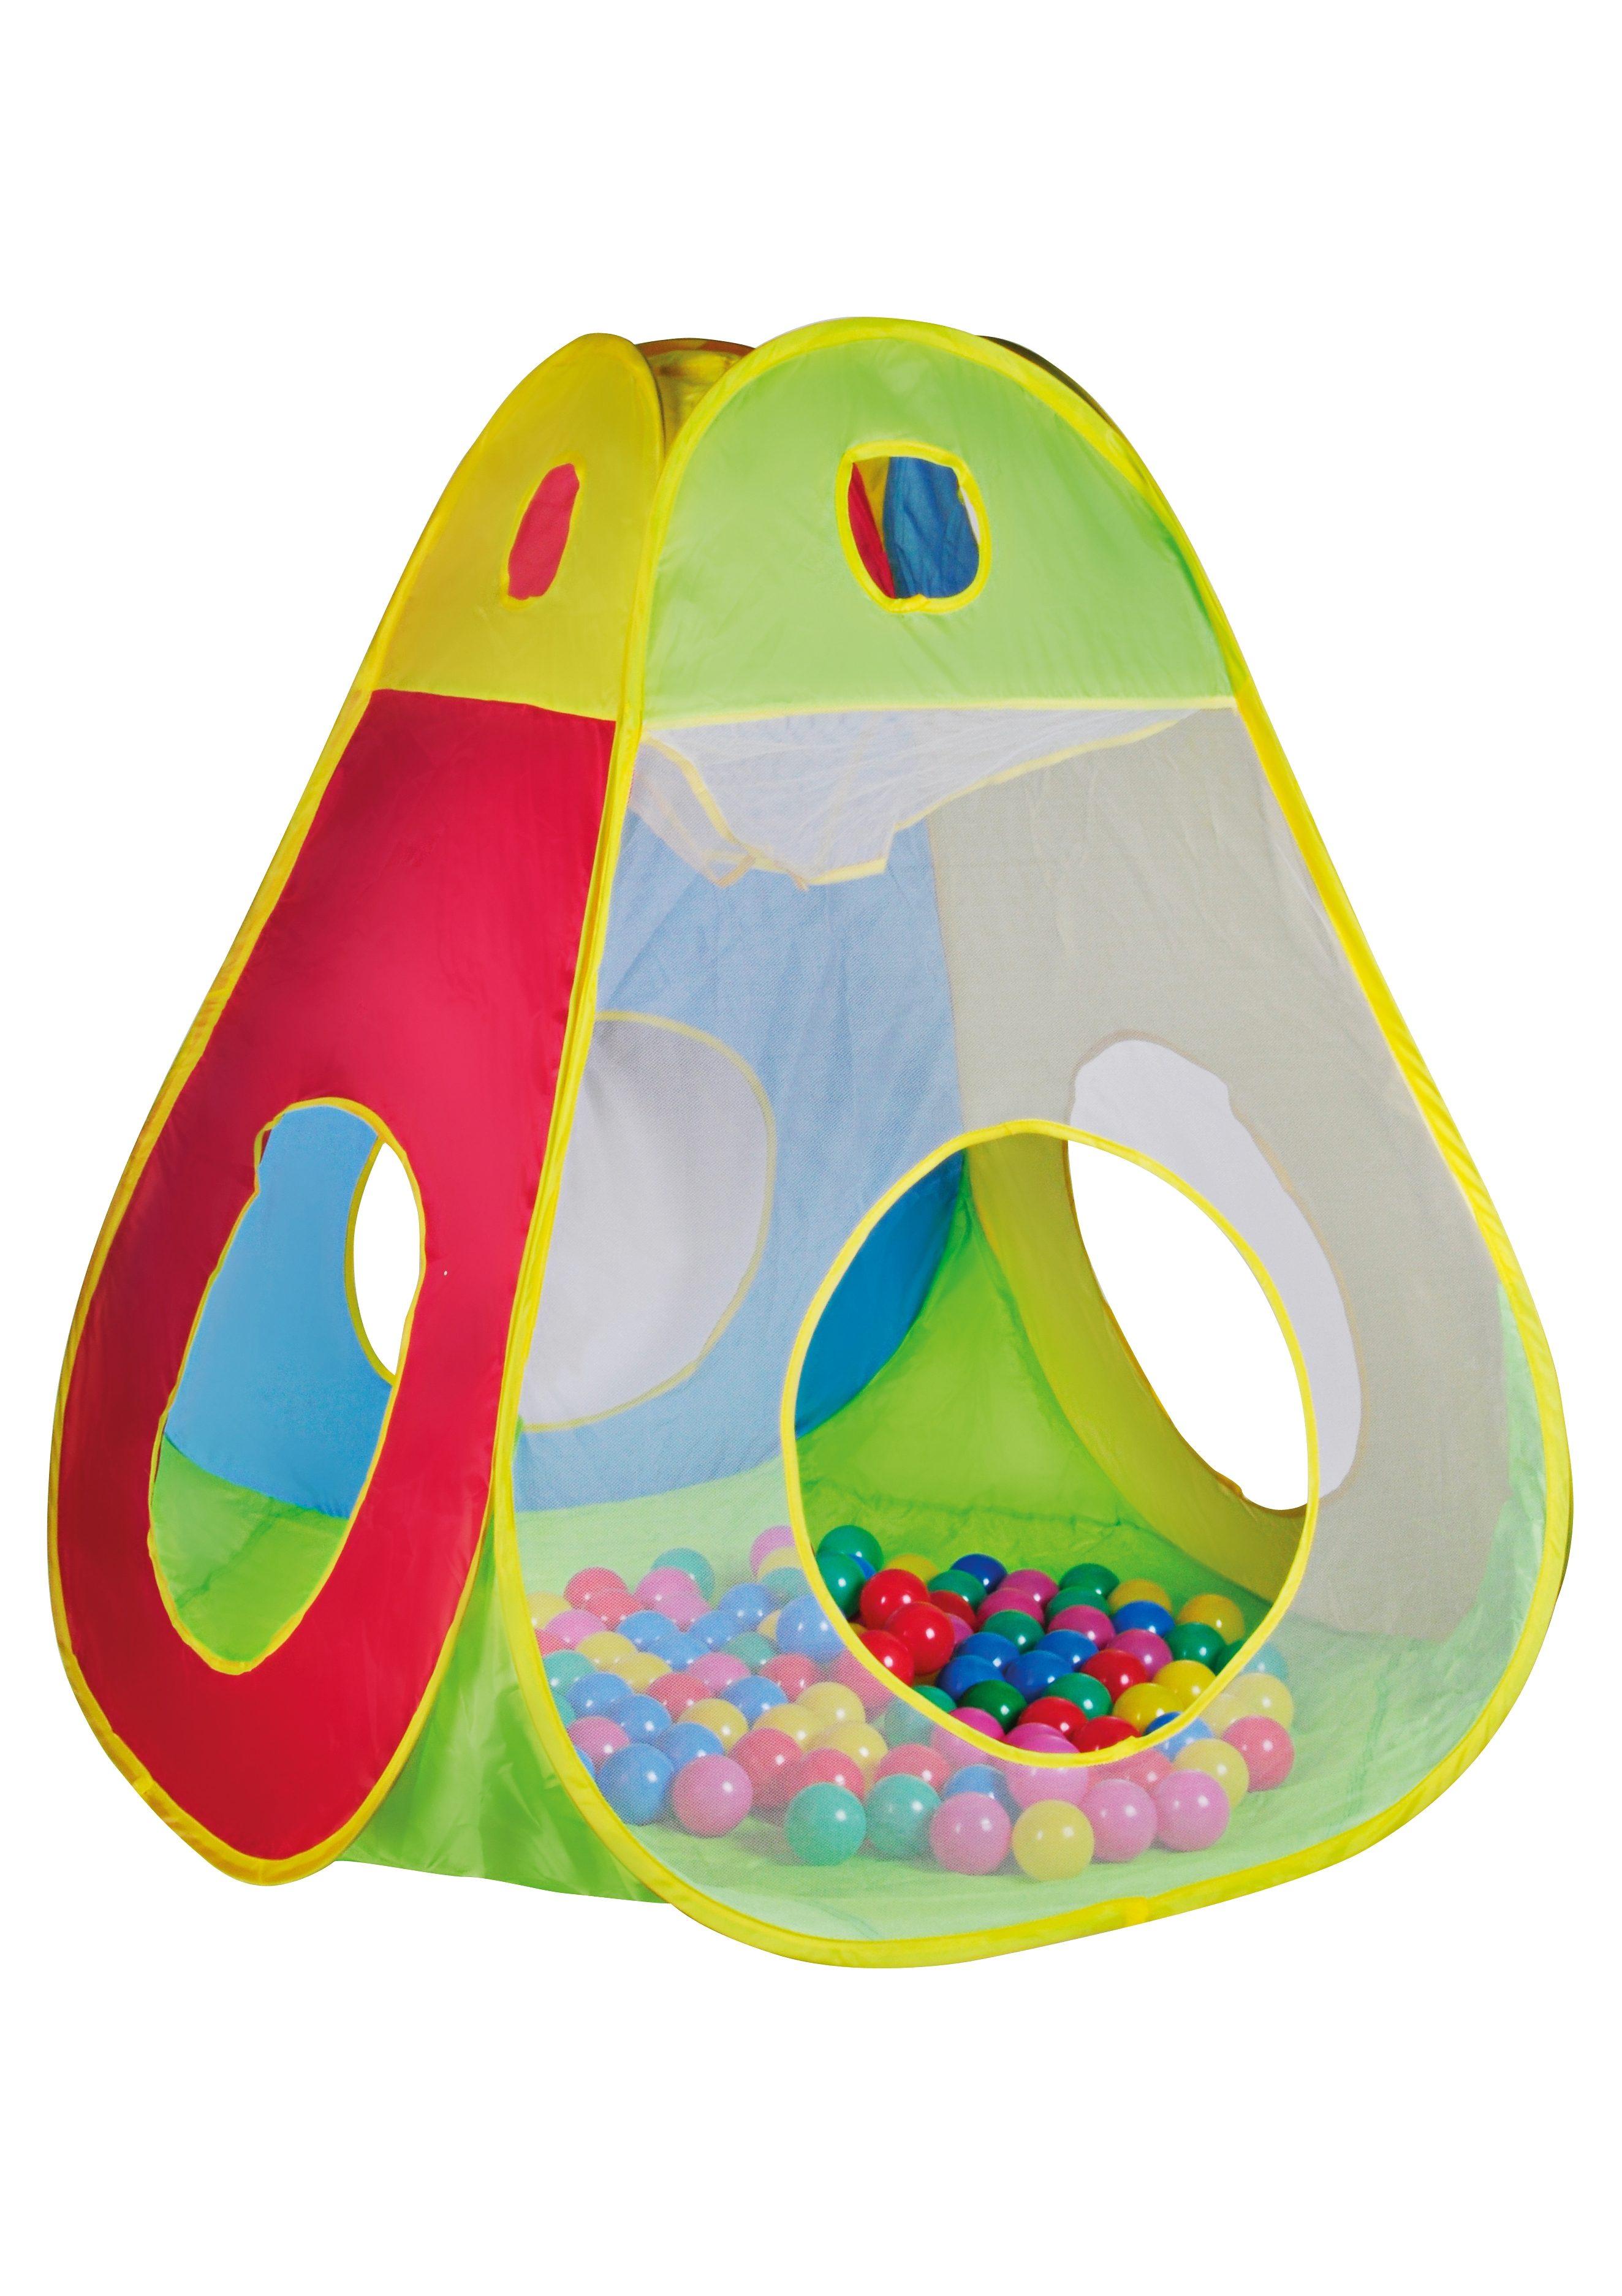 Kinderzelt und Bällebad mit 100 Bällen, »Brody«, knorr toys